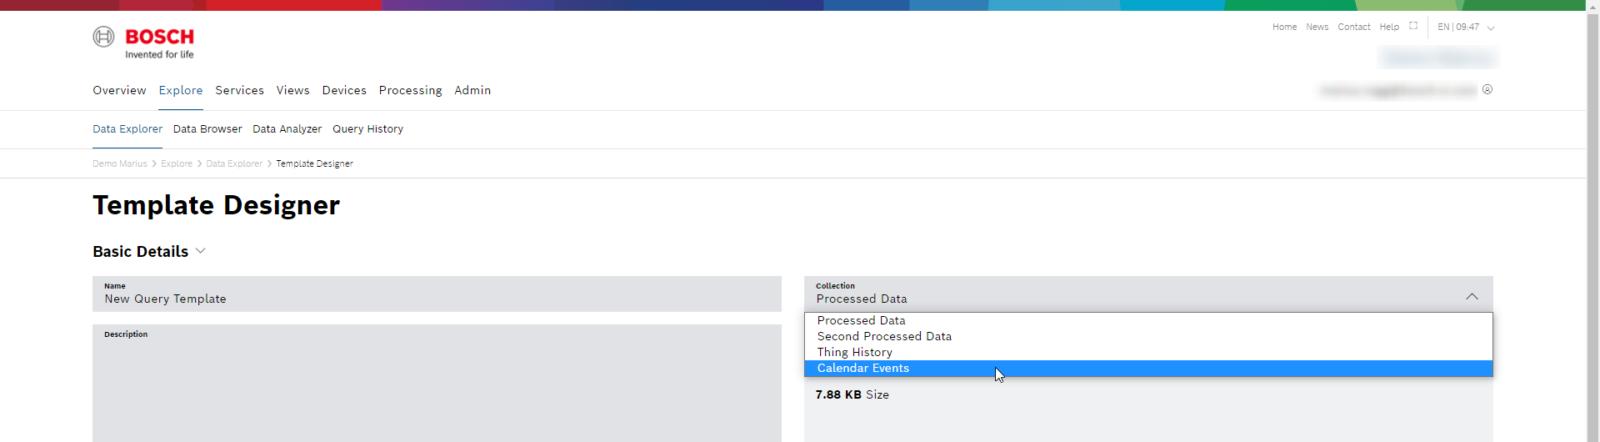 calendar-search-integration-screenshot